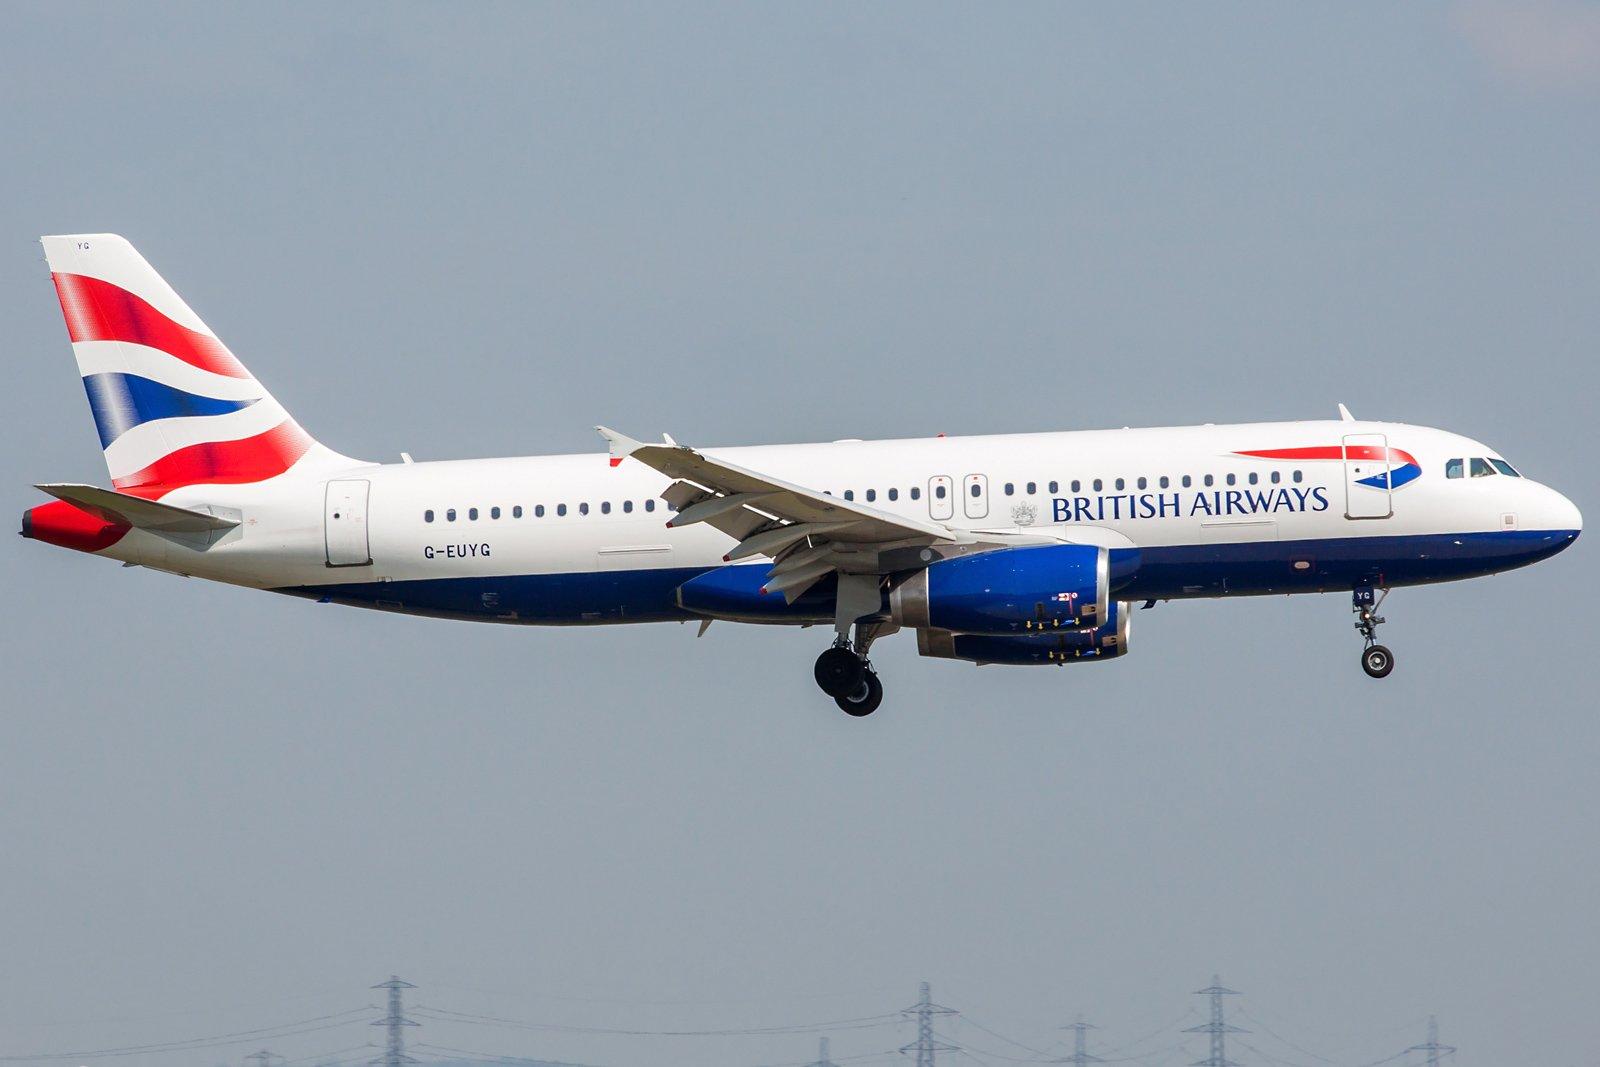 British Airways Airbus A320-232 G-EUYG